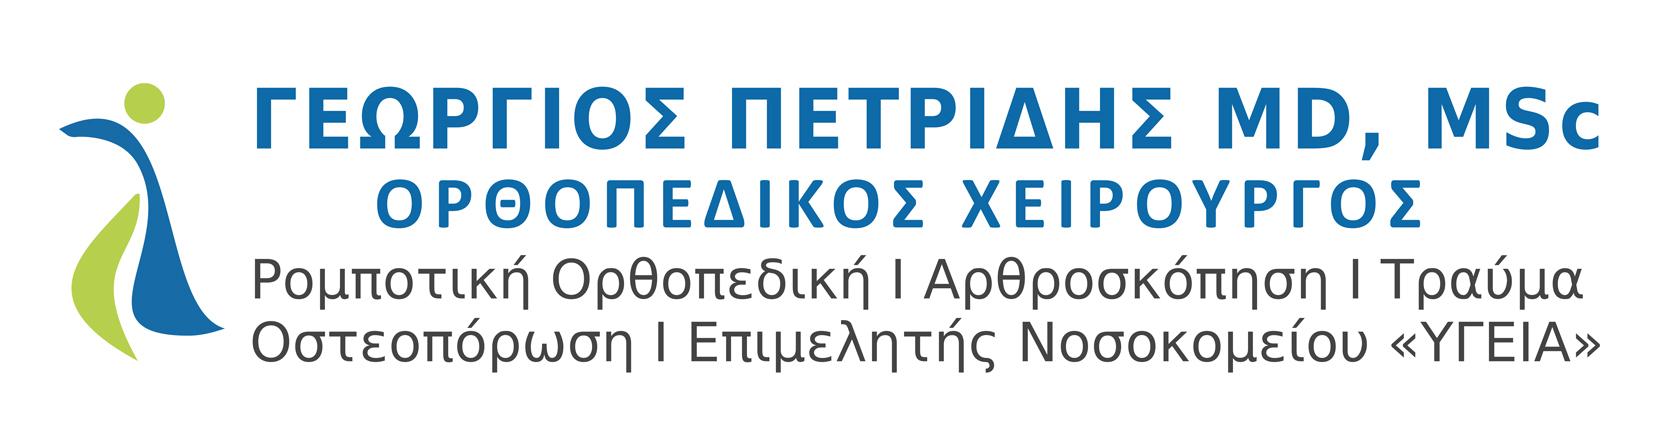 ΟΡΘΟΠΕΔΙΚΟΣ ΧΕΙΡΟΥΡΓΟΣ